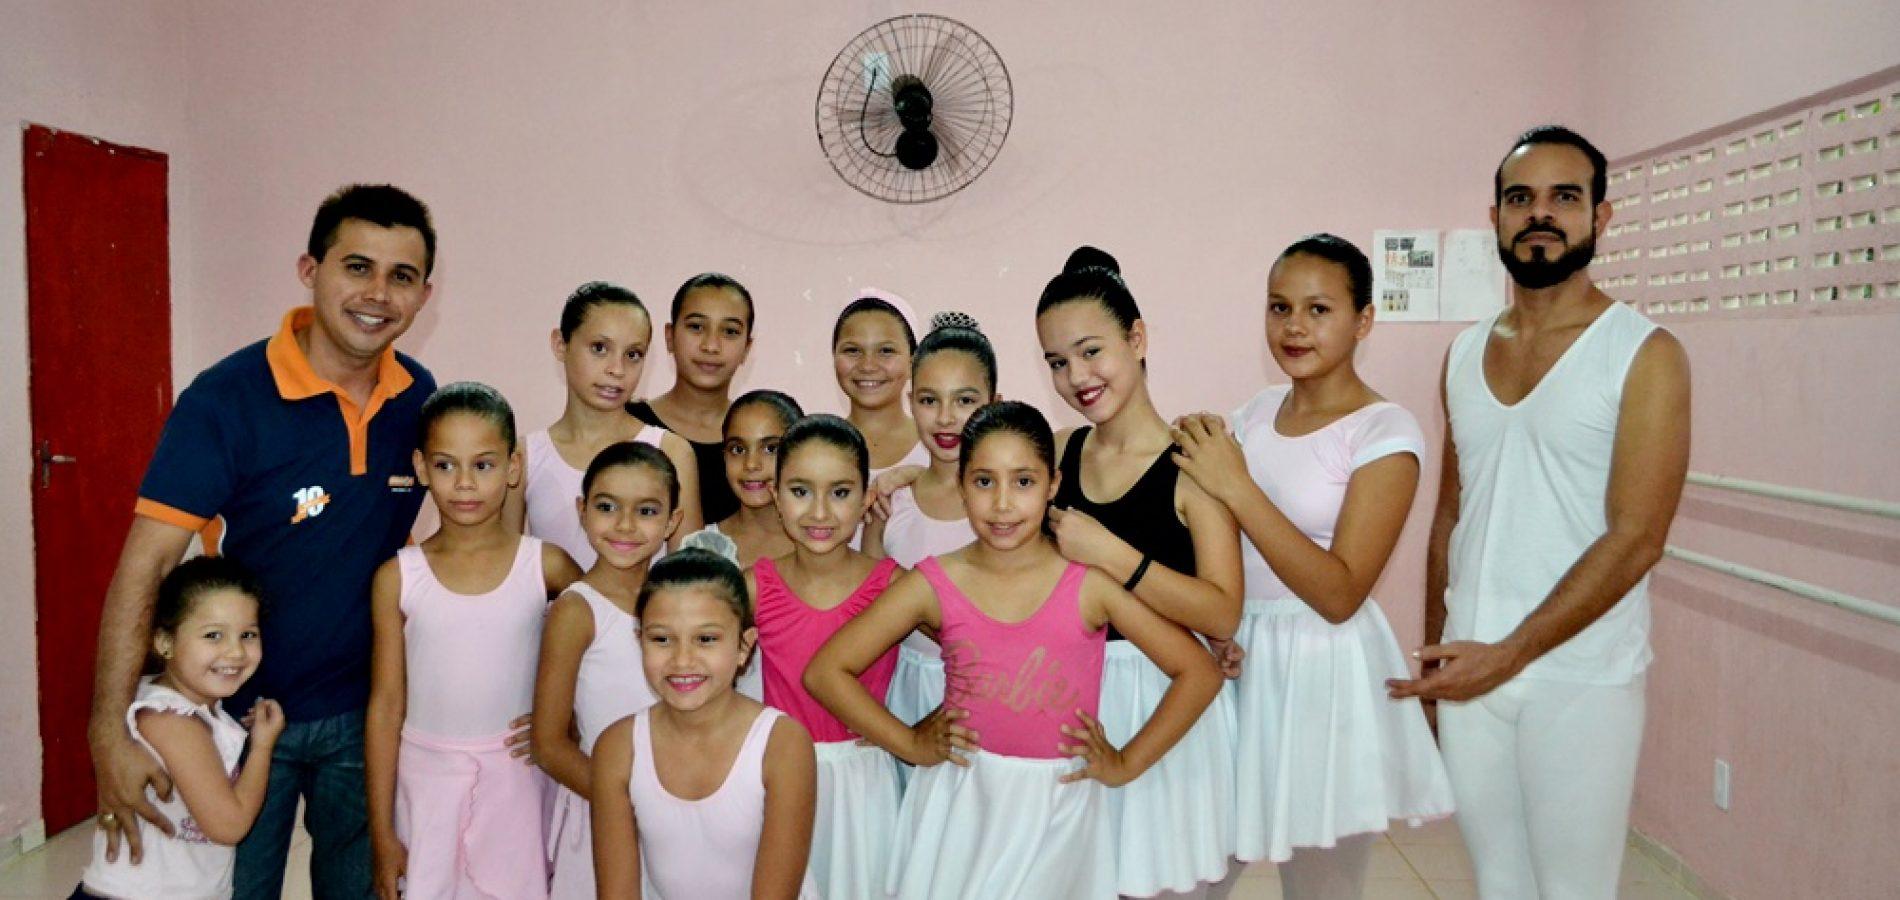 Cultura realiza avaliação interna com  alunas das aulas de ballet clássico em Alegrete do Piauí; fotos